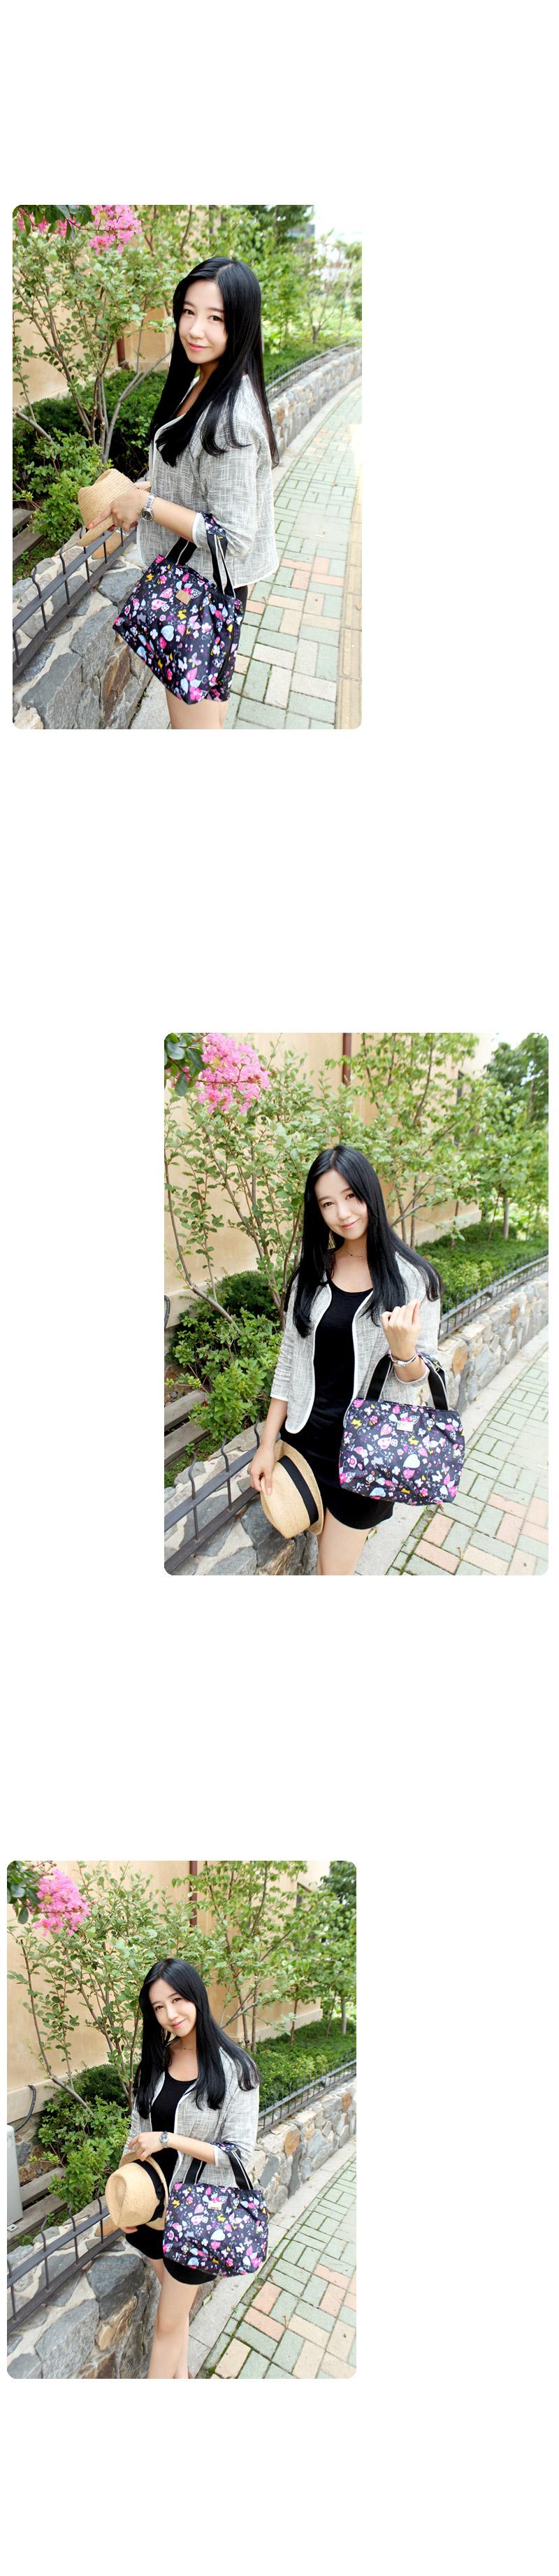 minibag no.A10349view-M